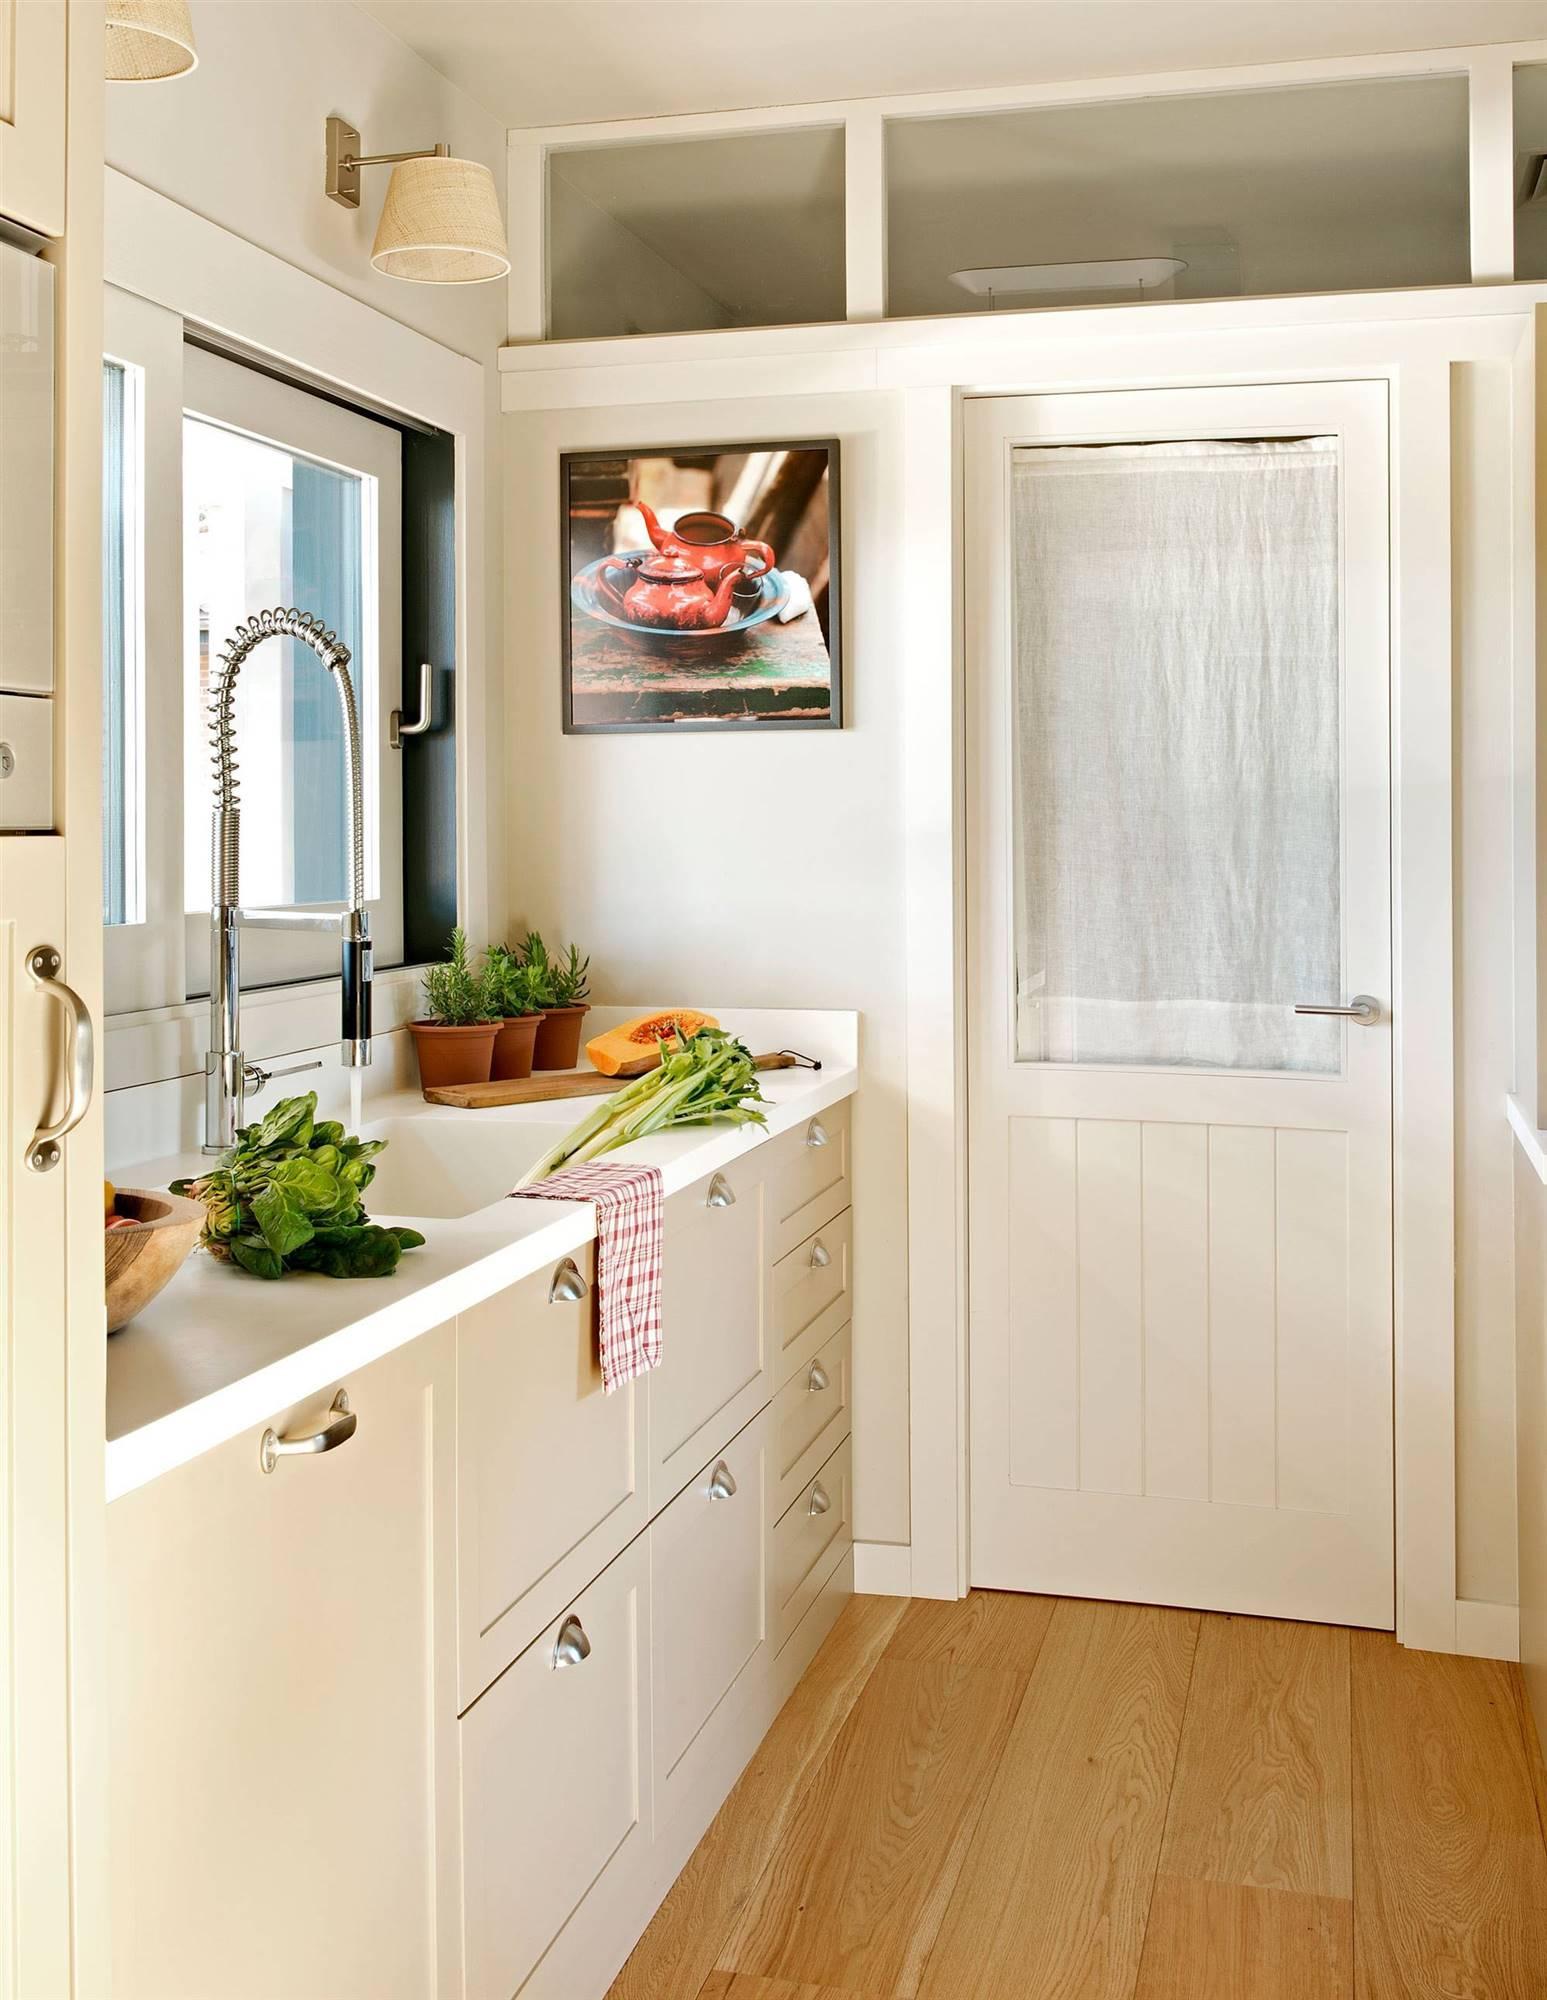 Cocina con puerta de cristal cocinas en 2019 puertas - Puerta cocina cristal ...